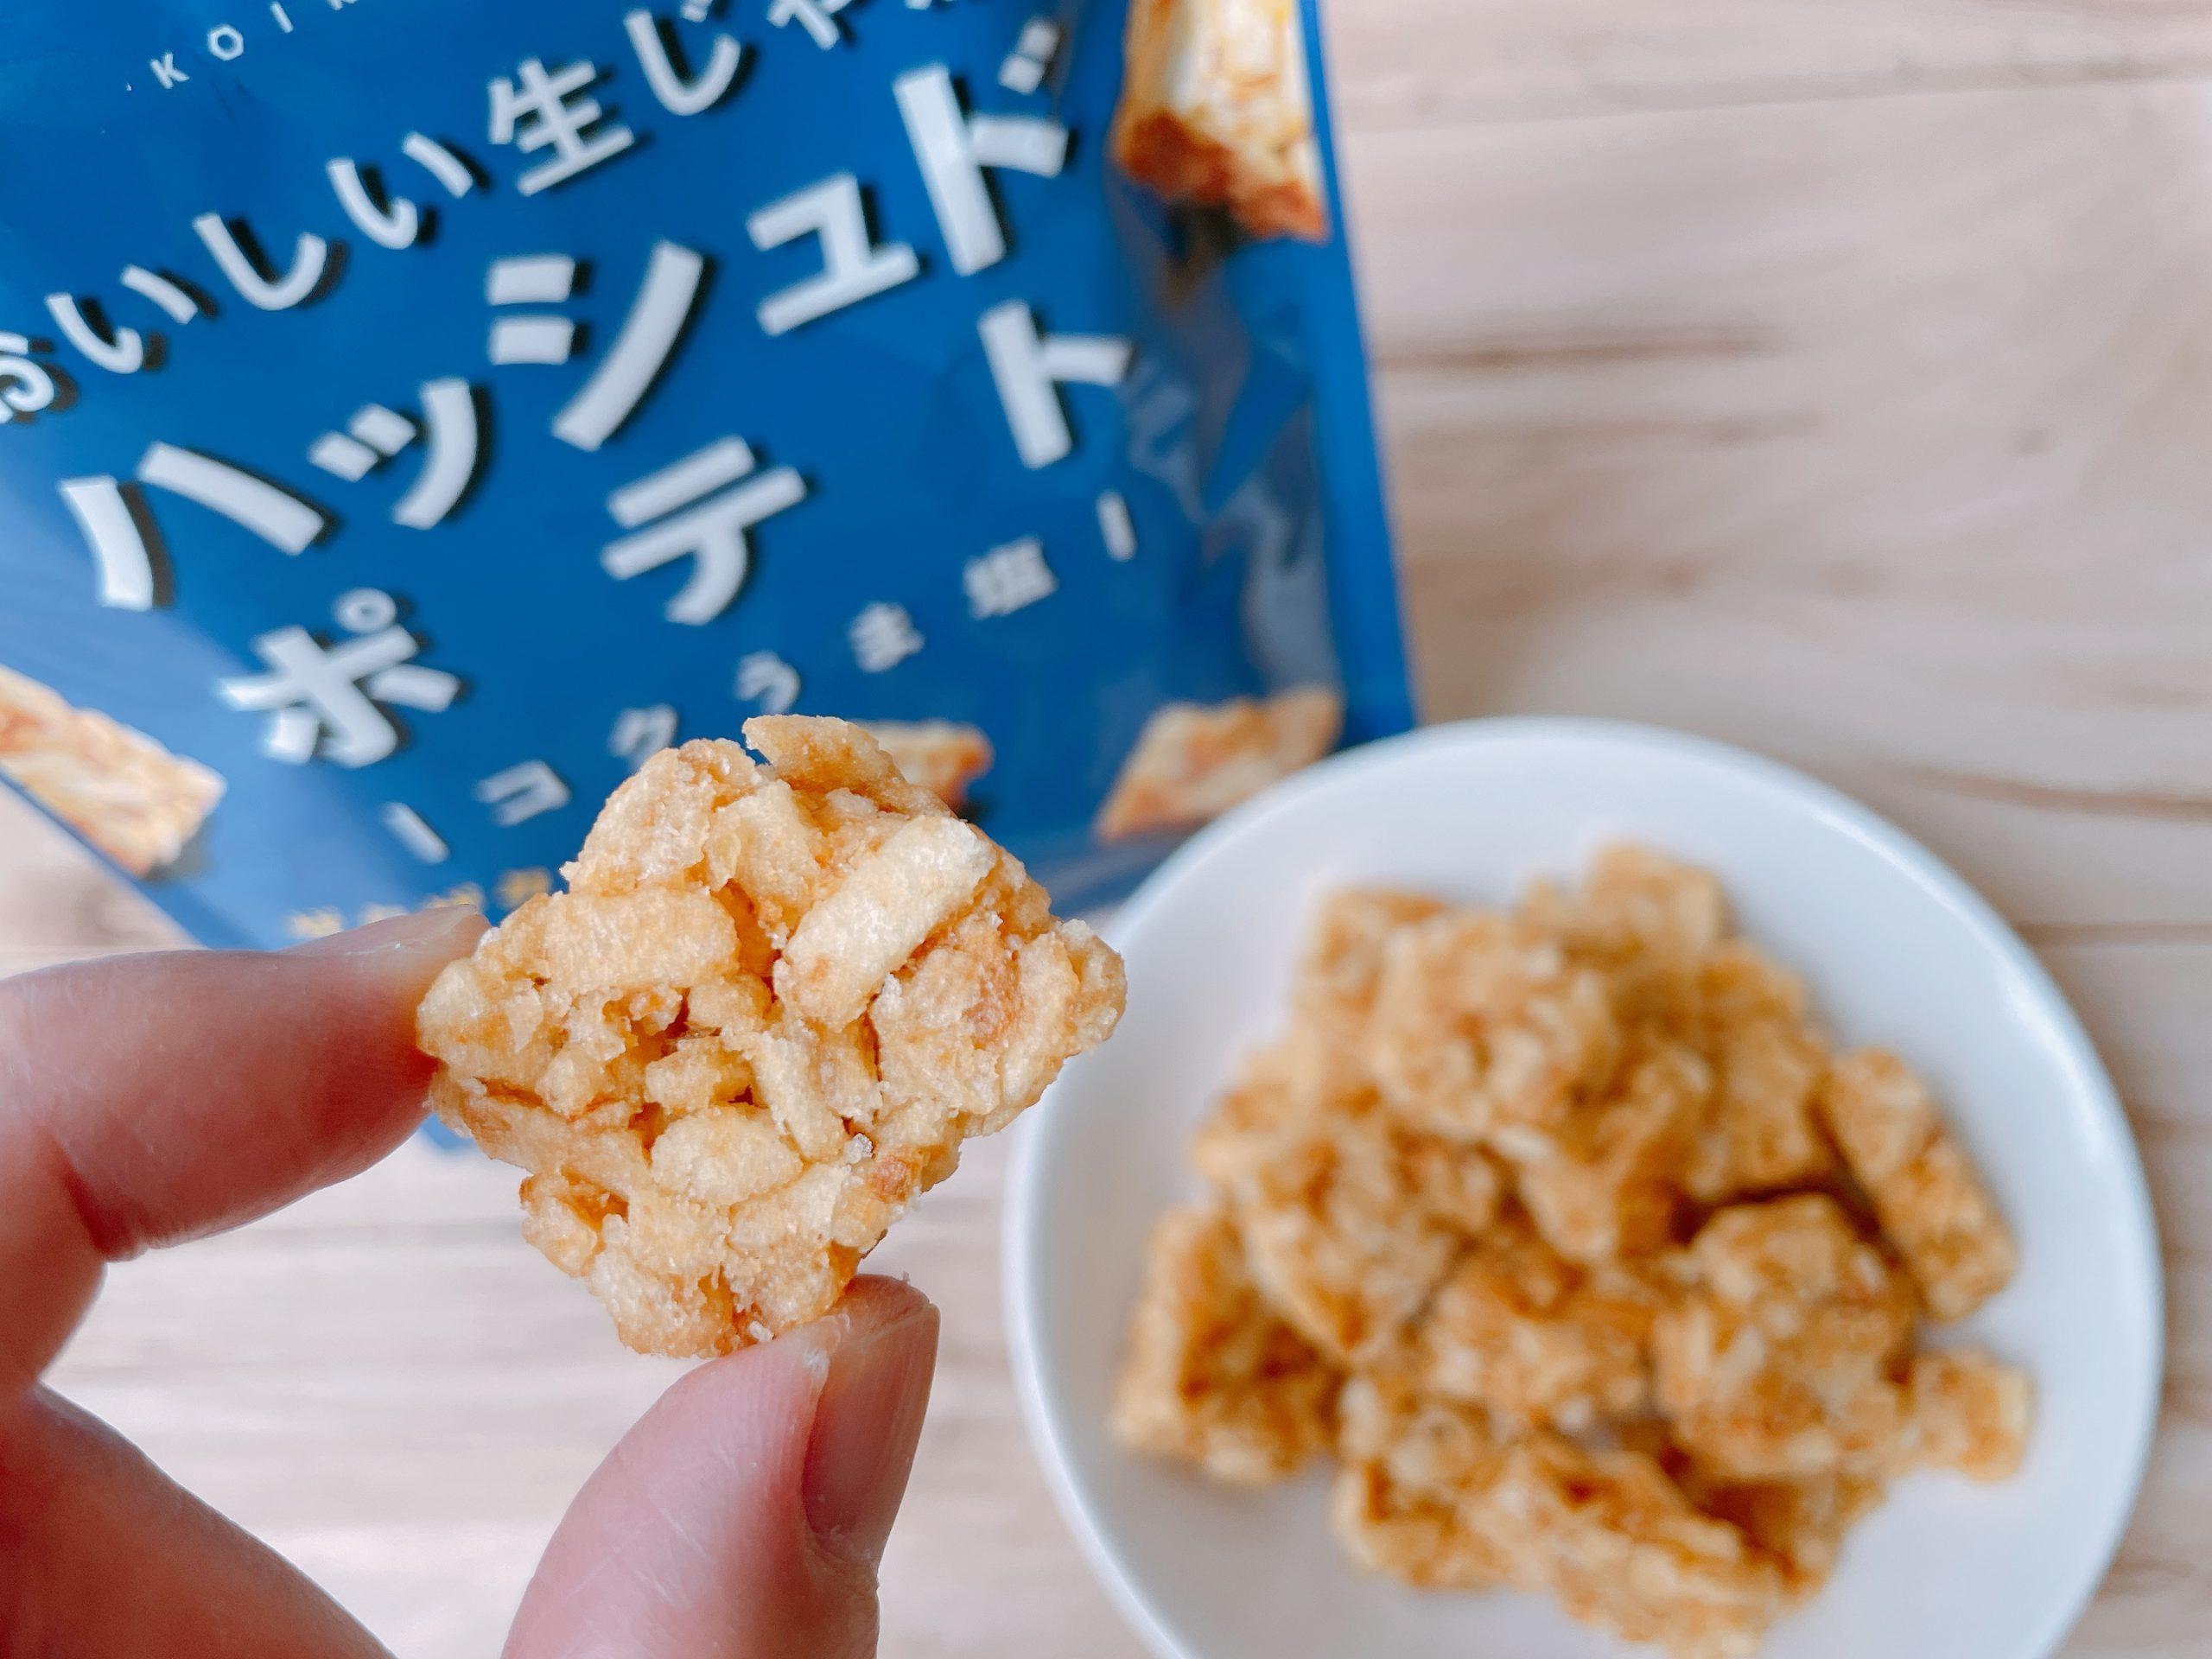 ハッシュドポテト<コクうま塩>は、塩加減が絶妙で甘みも感じられる